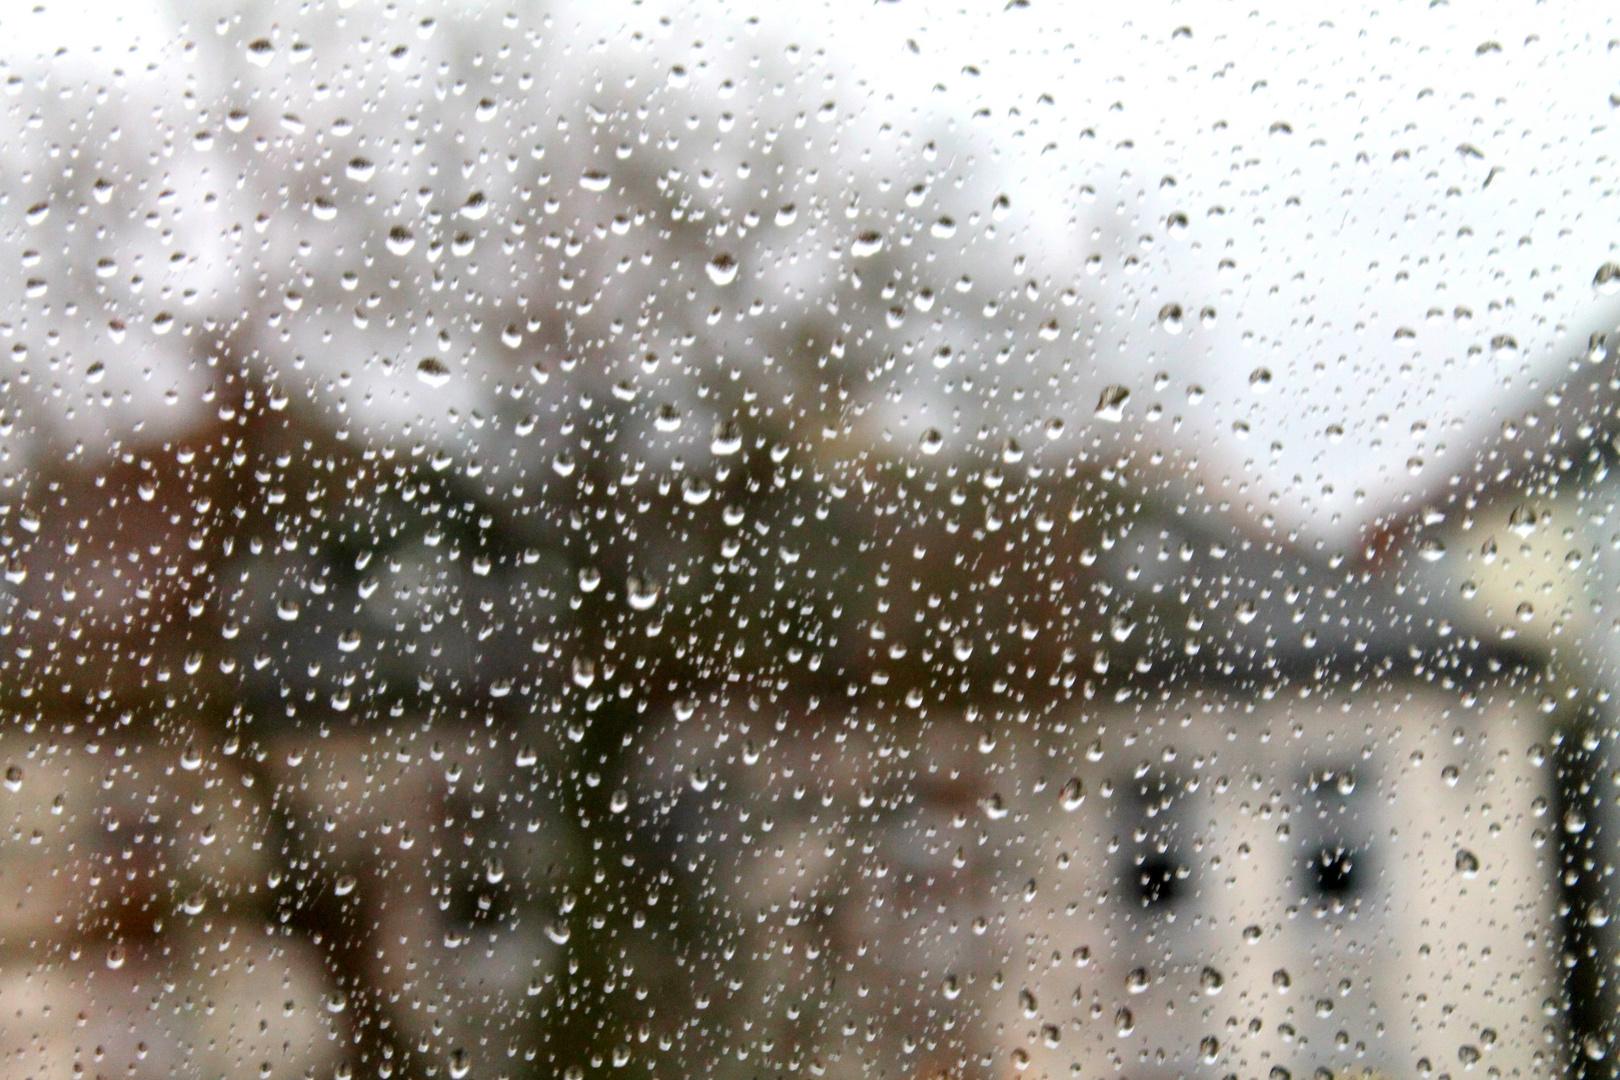 día lluviozo